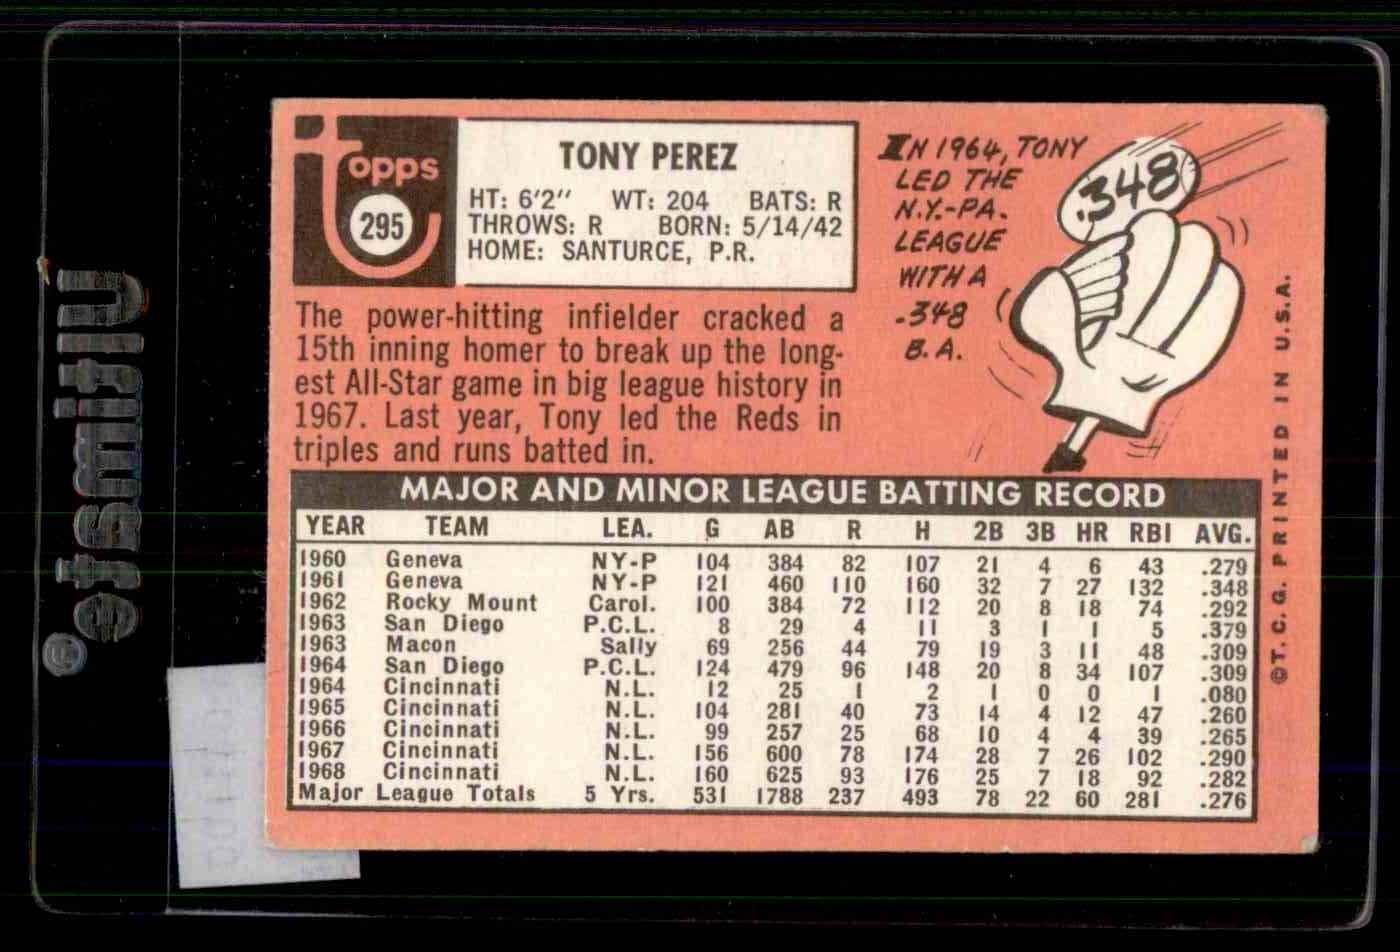 1969 Topps Tony Perez #295 card back image